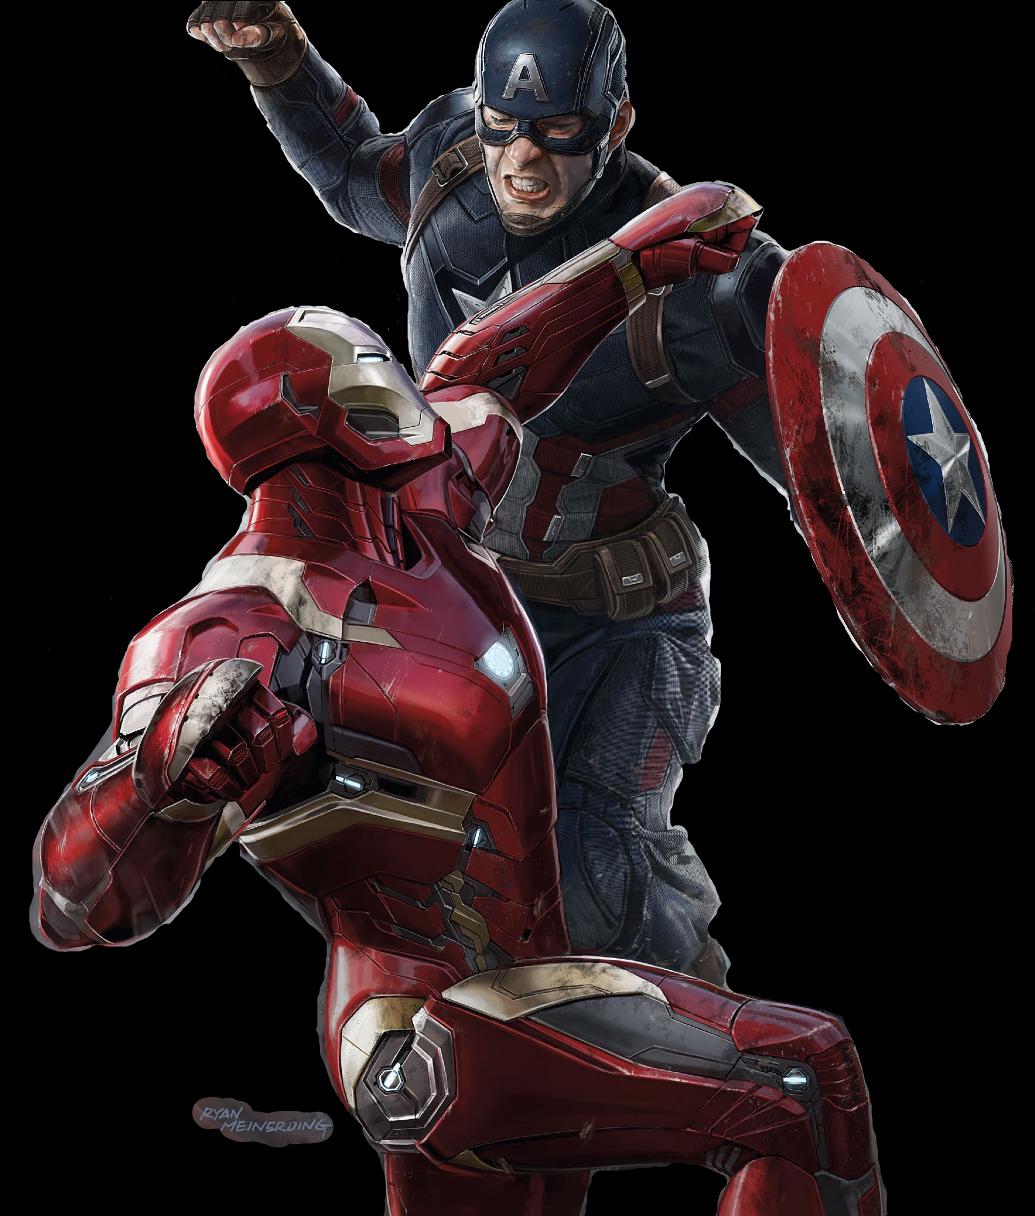 Download Captain America Civil War Concept Art Wallpaper Free Lt1go Masbradwall Com Iron Man Vs Captain America Marvel Superheroes Captain America Civil War